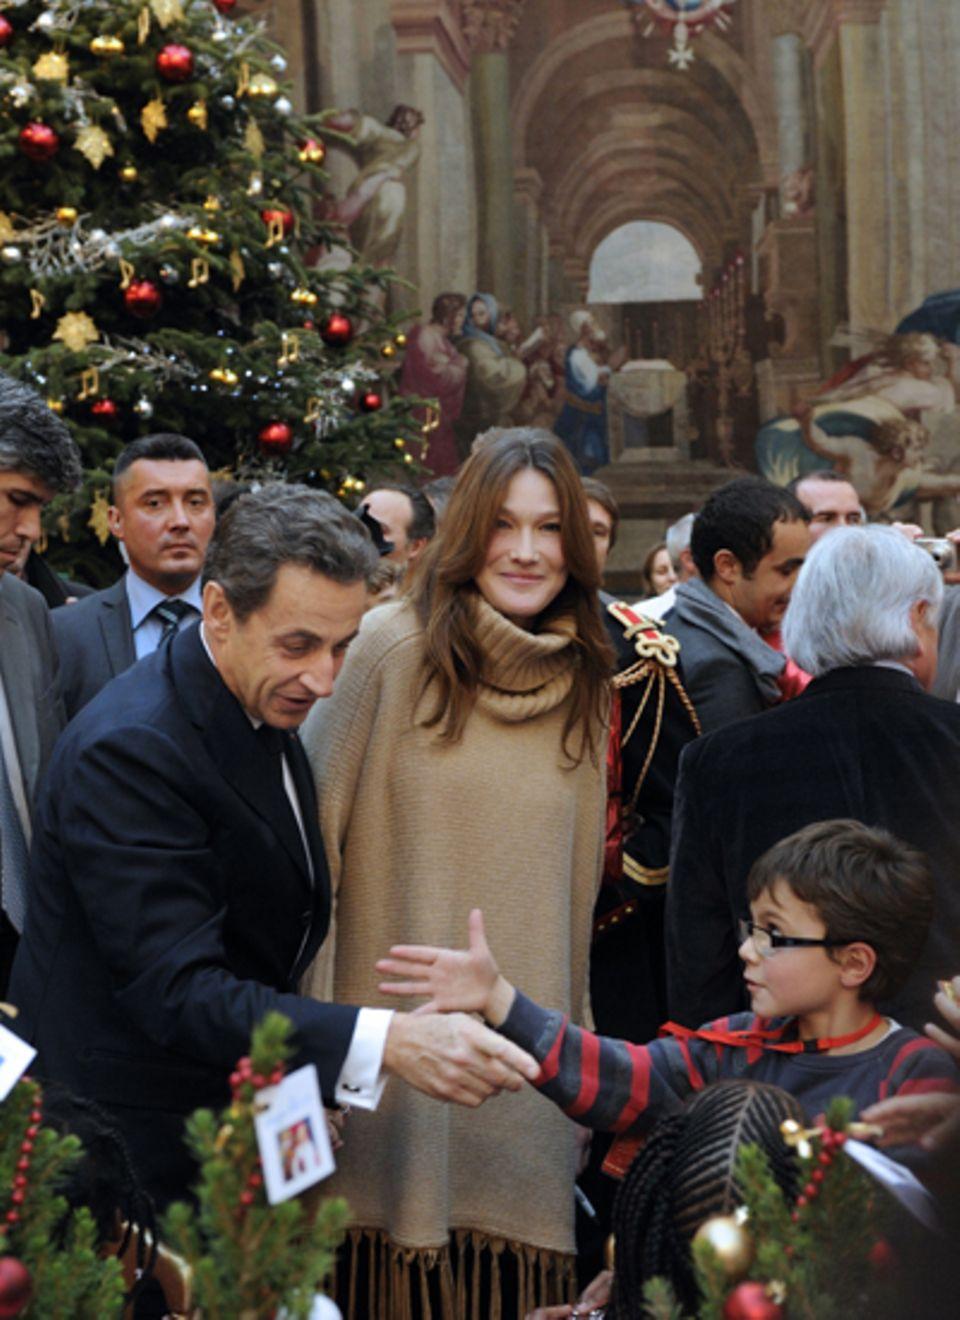 Carla Bruni und Frankreichs Präsident Nicolas Sarkozy verteilen bei einer Weihnachtsfeier im Pariser Élysée-Palast Weihnachtsges